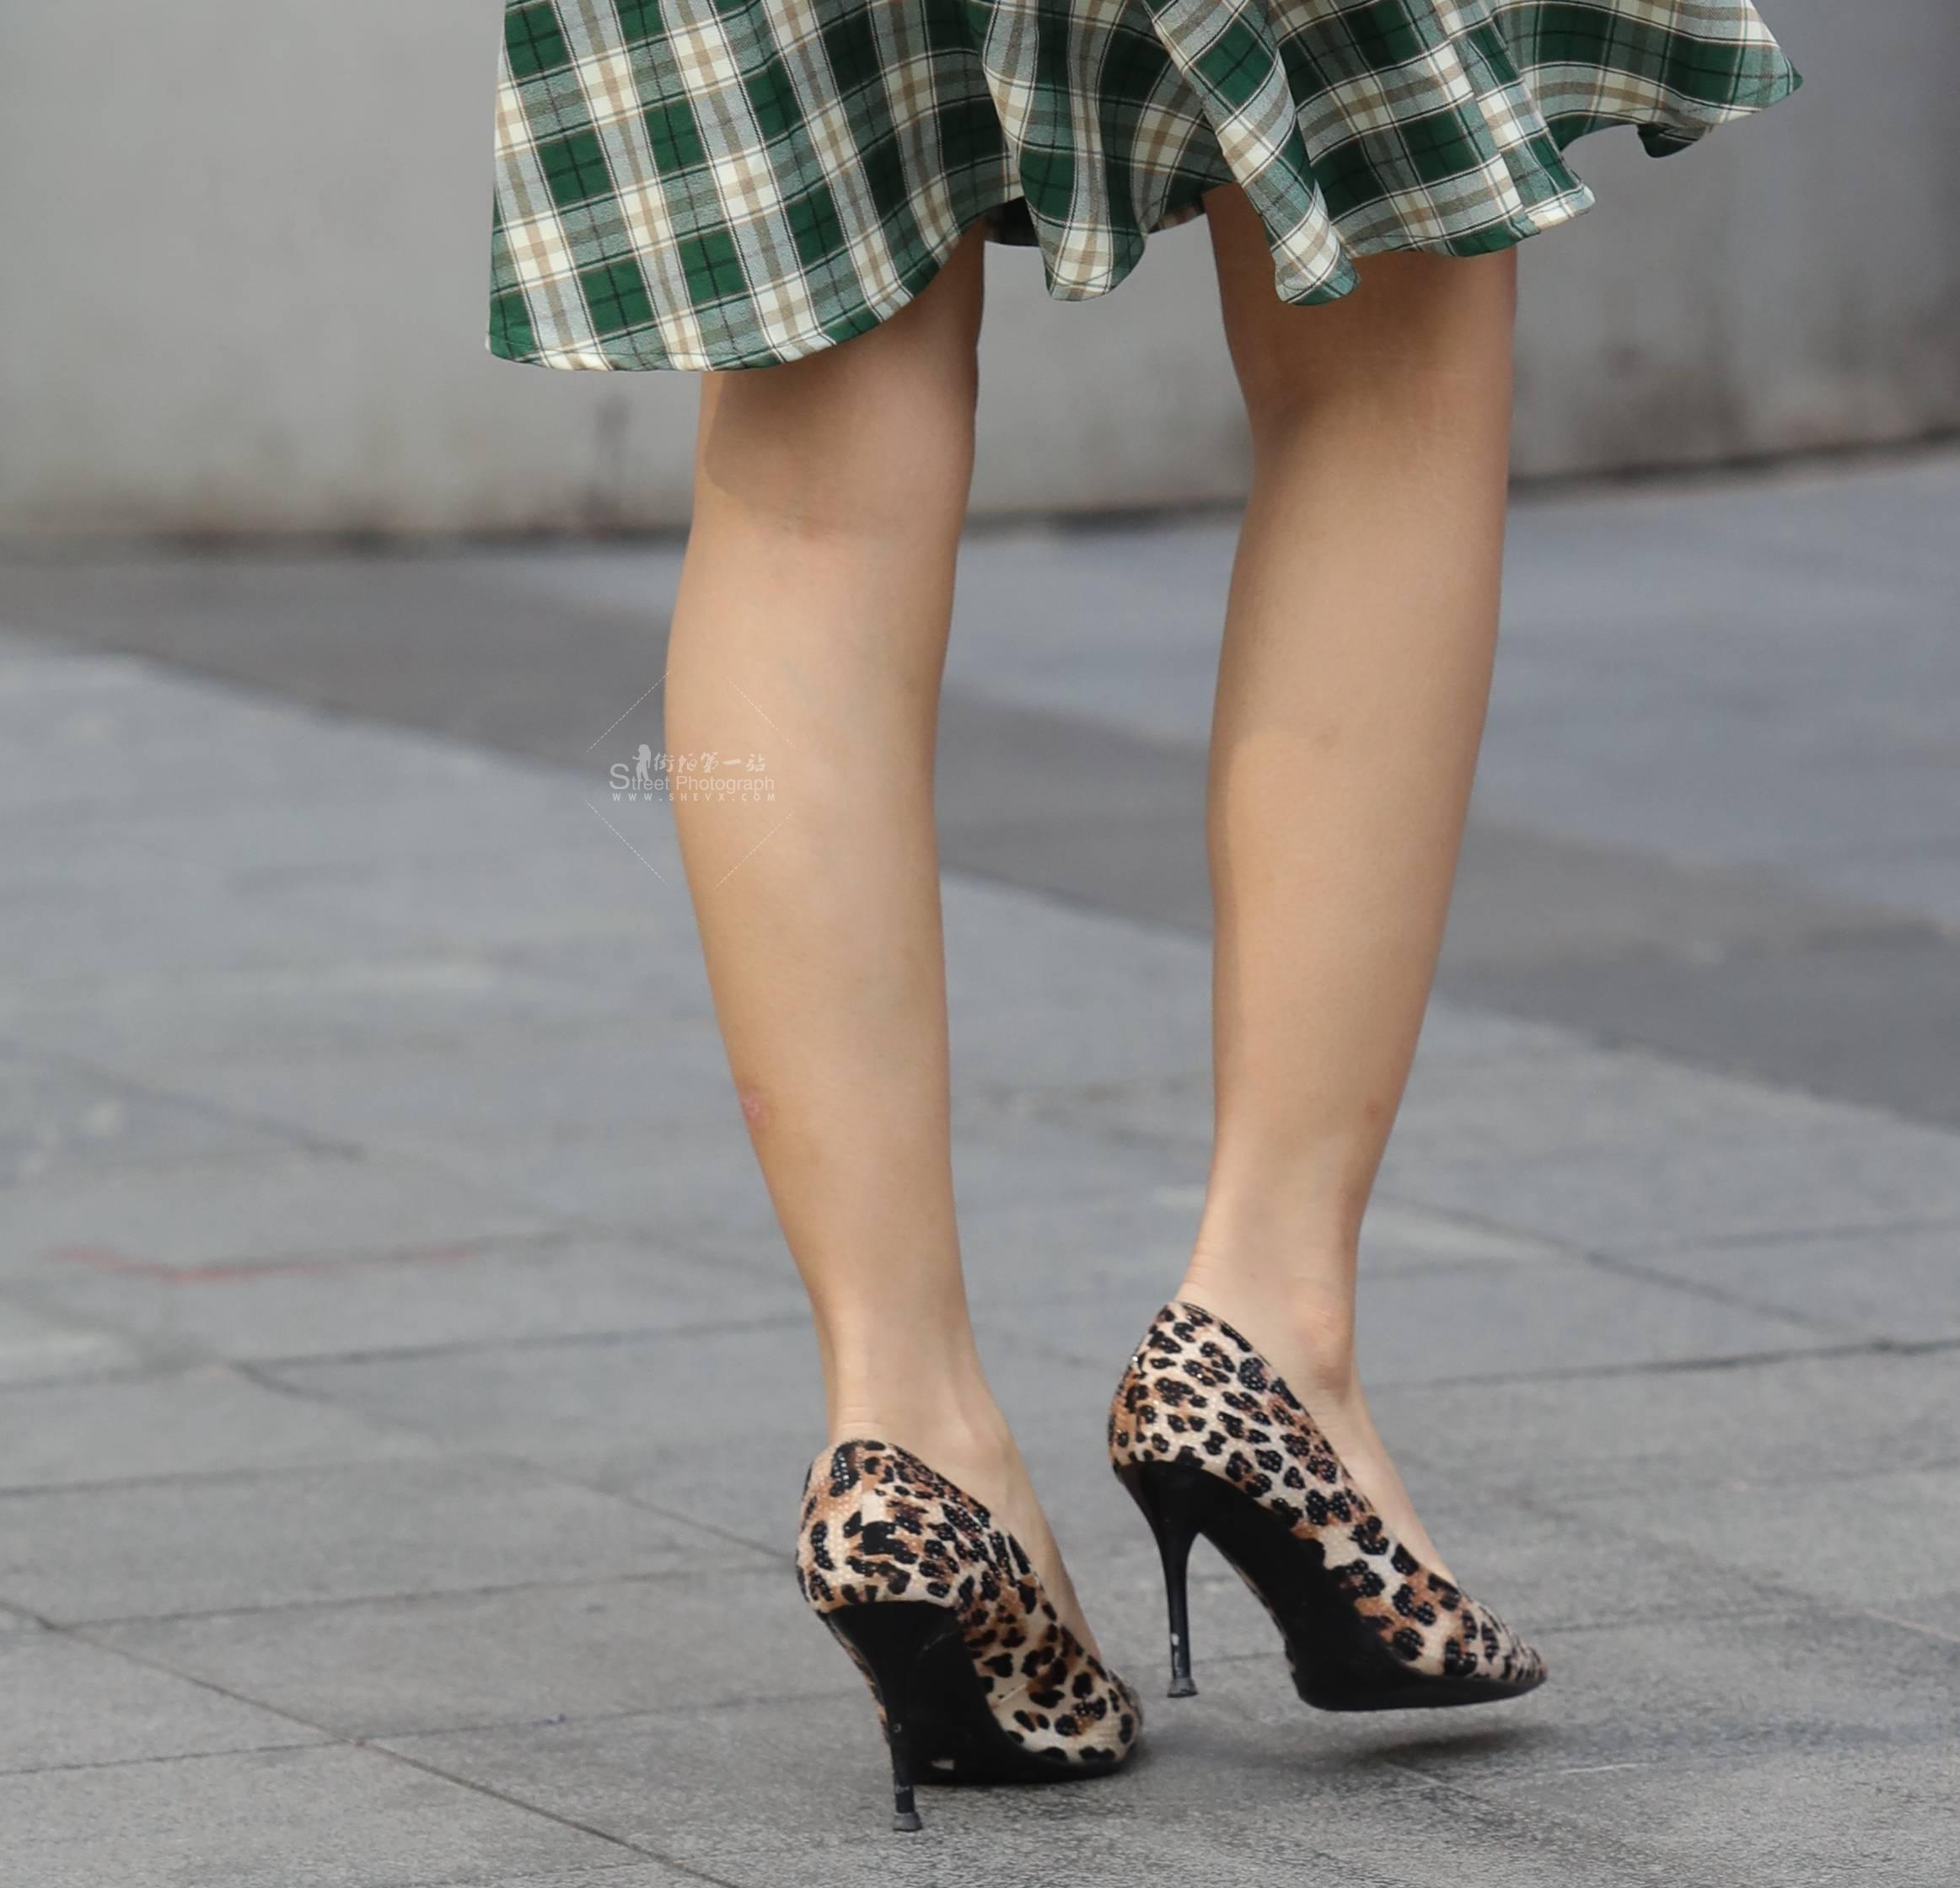 街拍高跟,街拍豹紋 【玨一笑而過】誘惑豹紋 高跟鞋 最新街拍絲襪圖片 街拍絲襪第一站